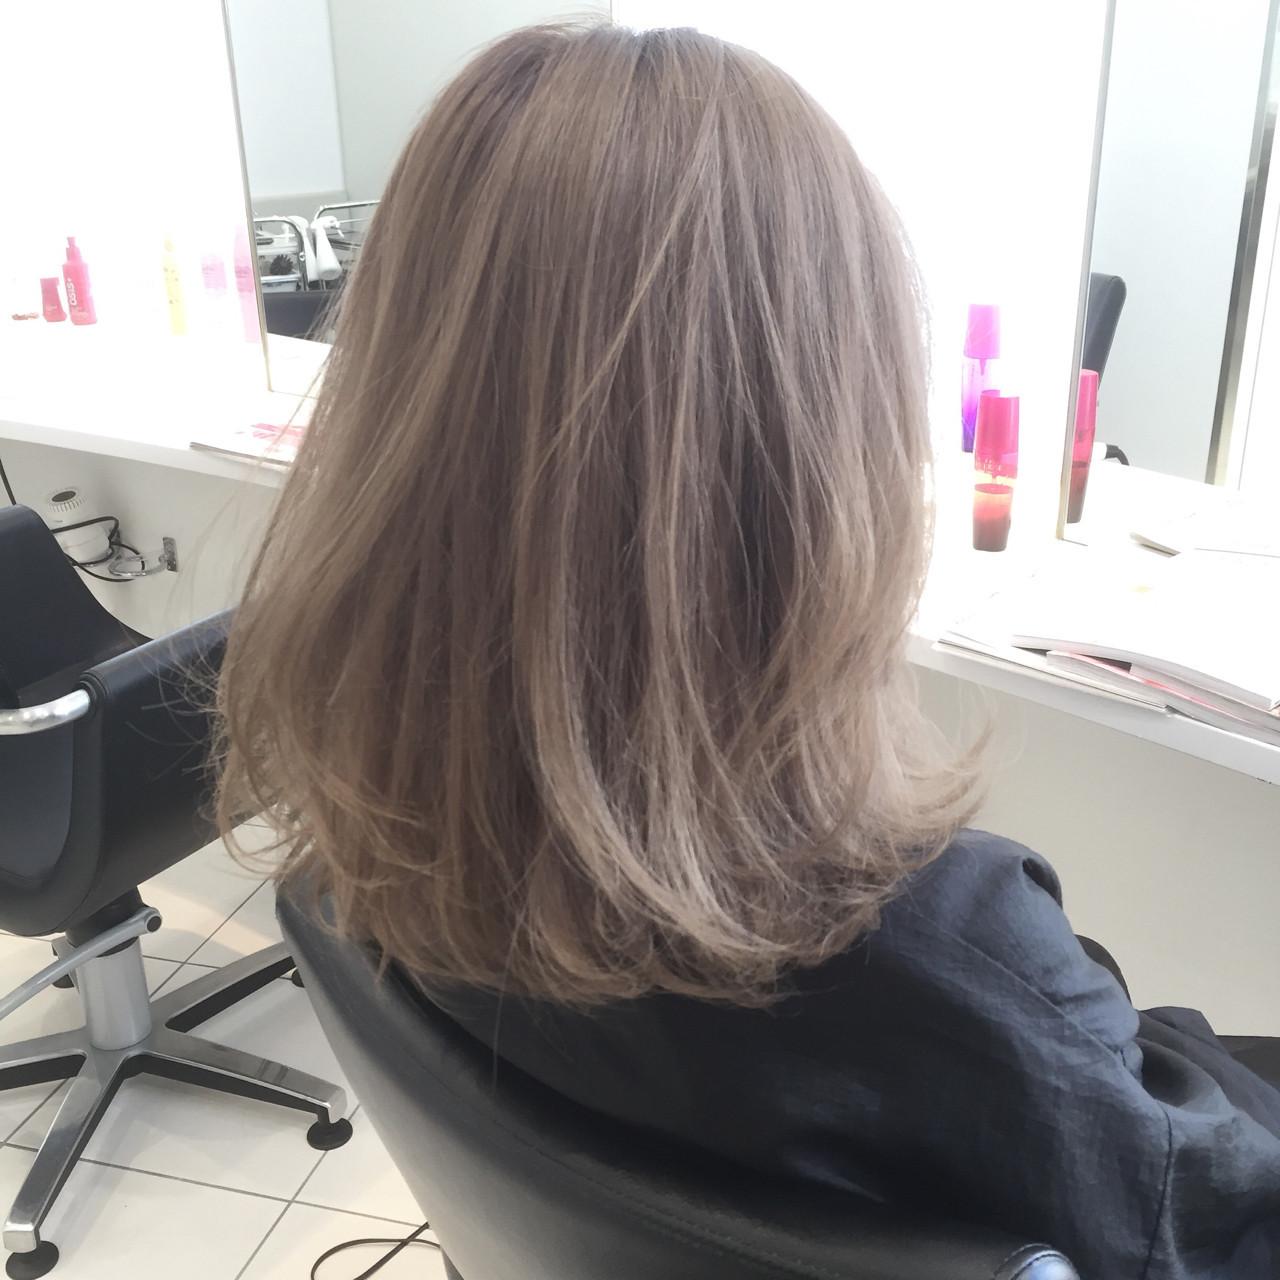 ハイトーン ミディアム ストリート ヘアスタイルや髪型の写真・画像